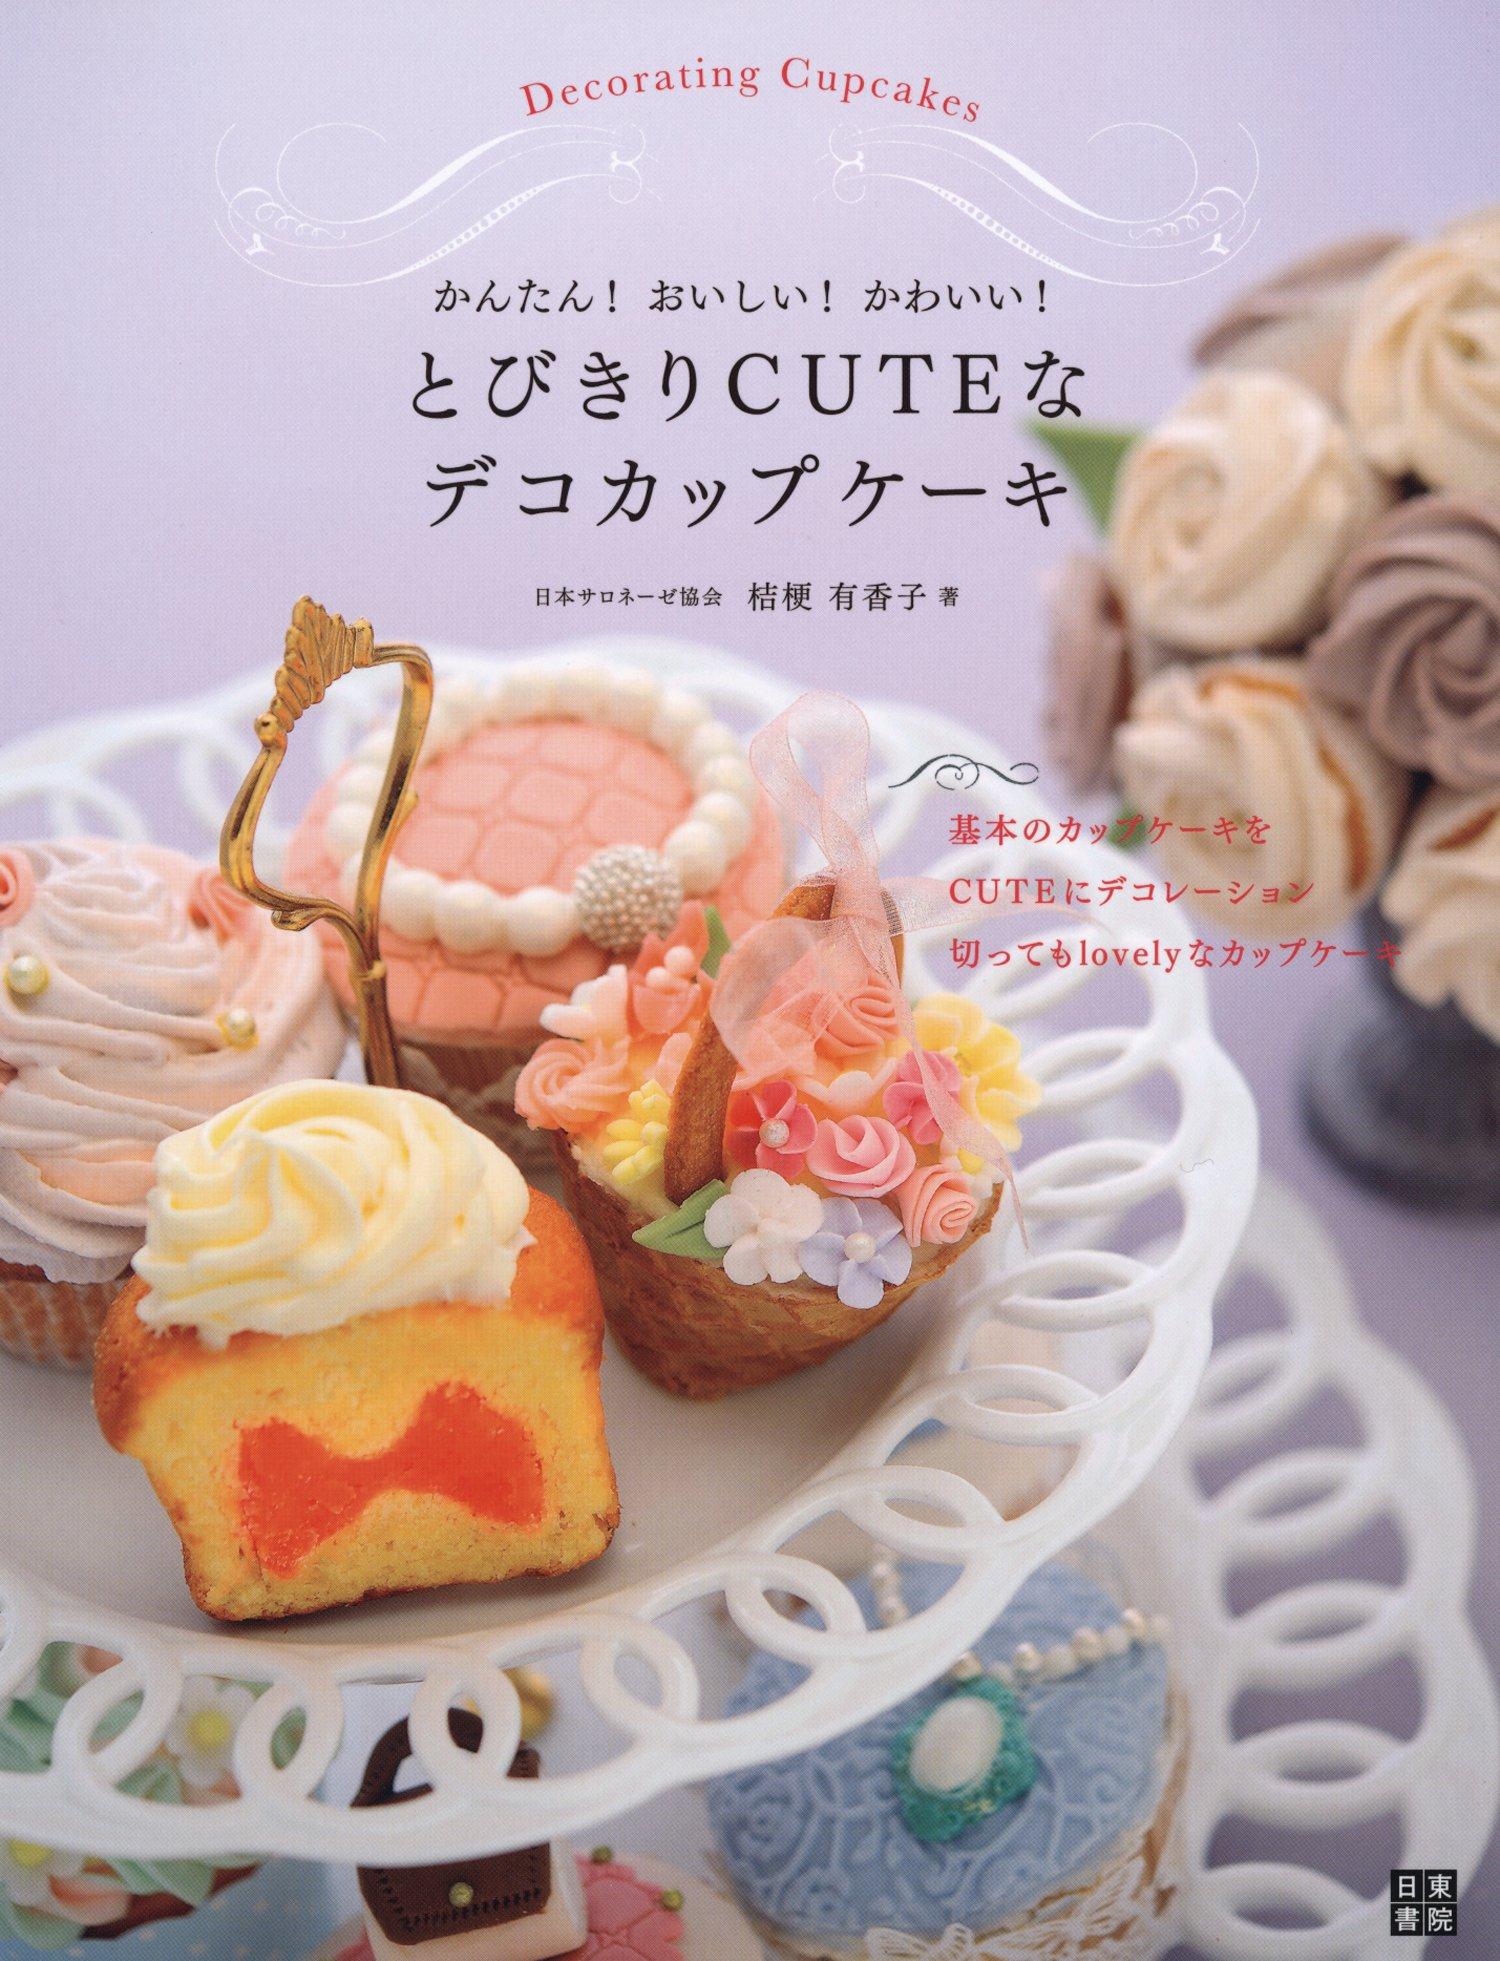 かわいい! とびきりCUTEなデコカップケーキ